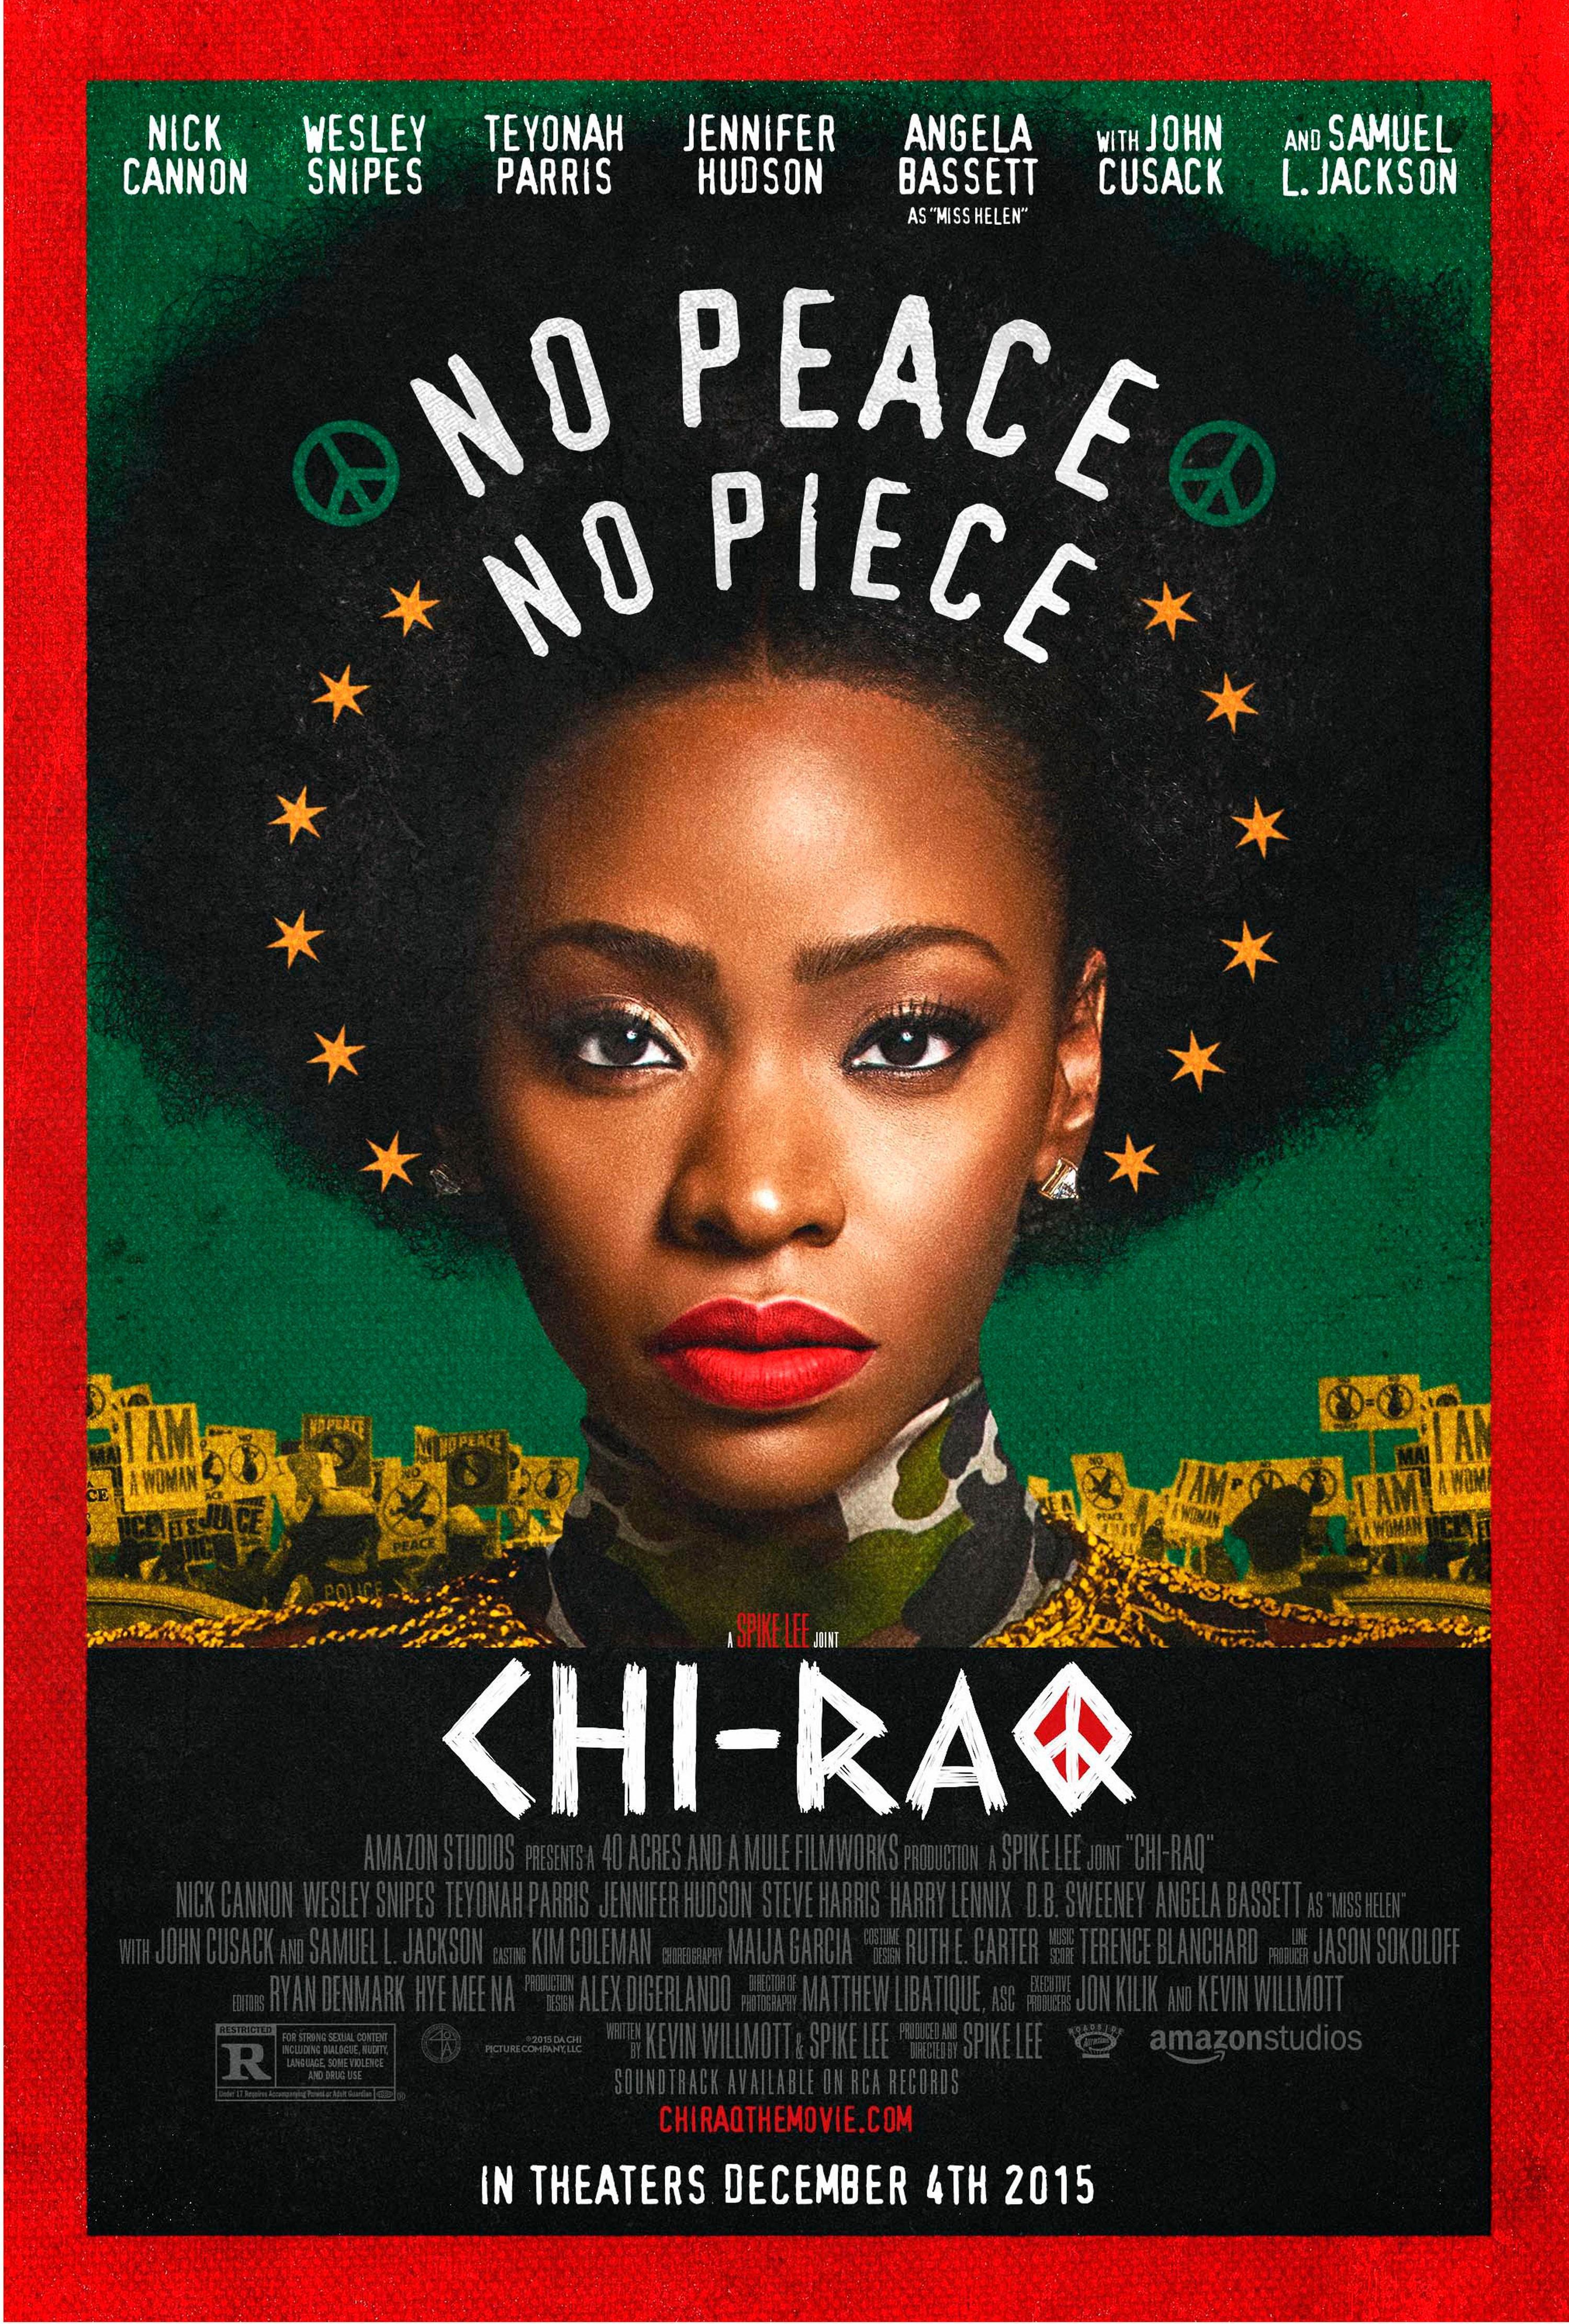 Affiche du film Chi-raq, réalisé par Spike Lee, 2015.